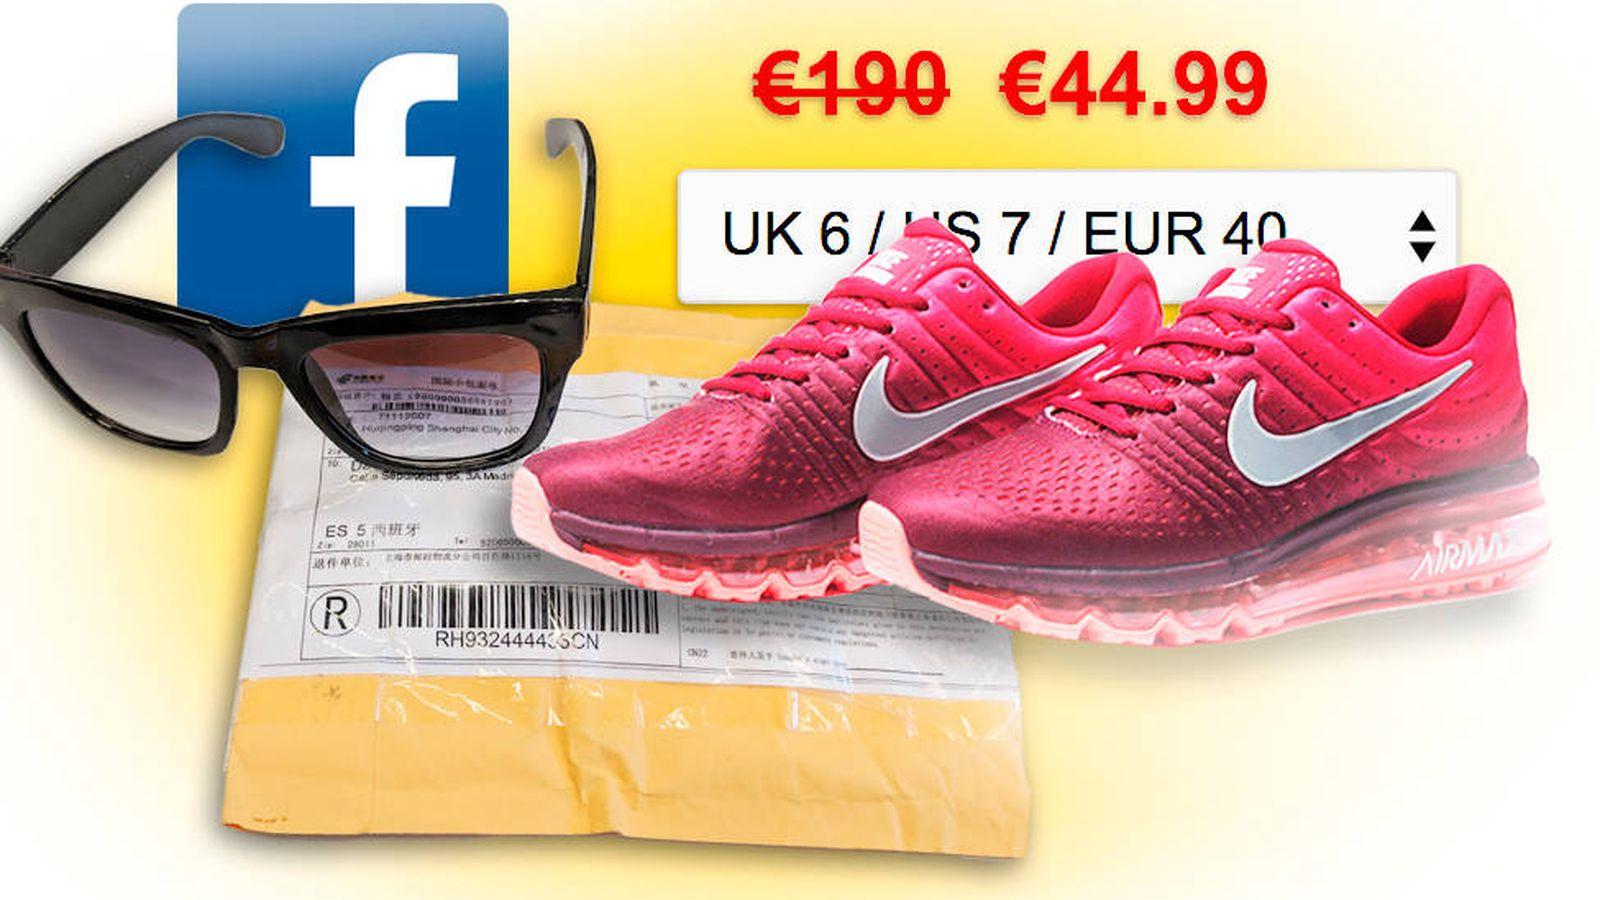 Foto: Así me timaron en Facebook: compré unas deportivas de 110€ y recibí unas gafas de 2€. (EC)